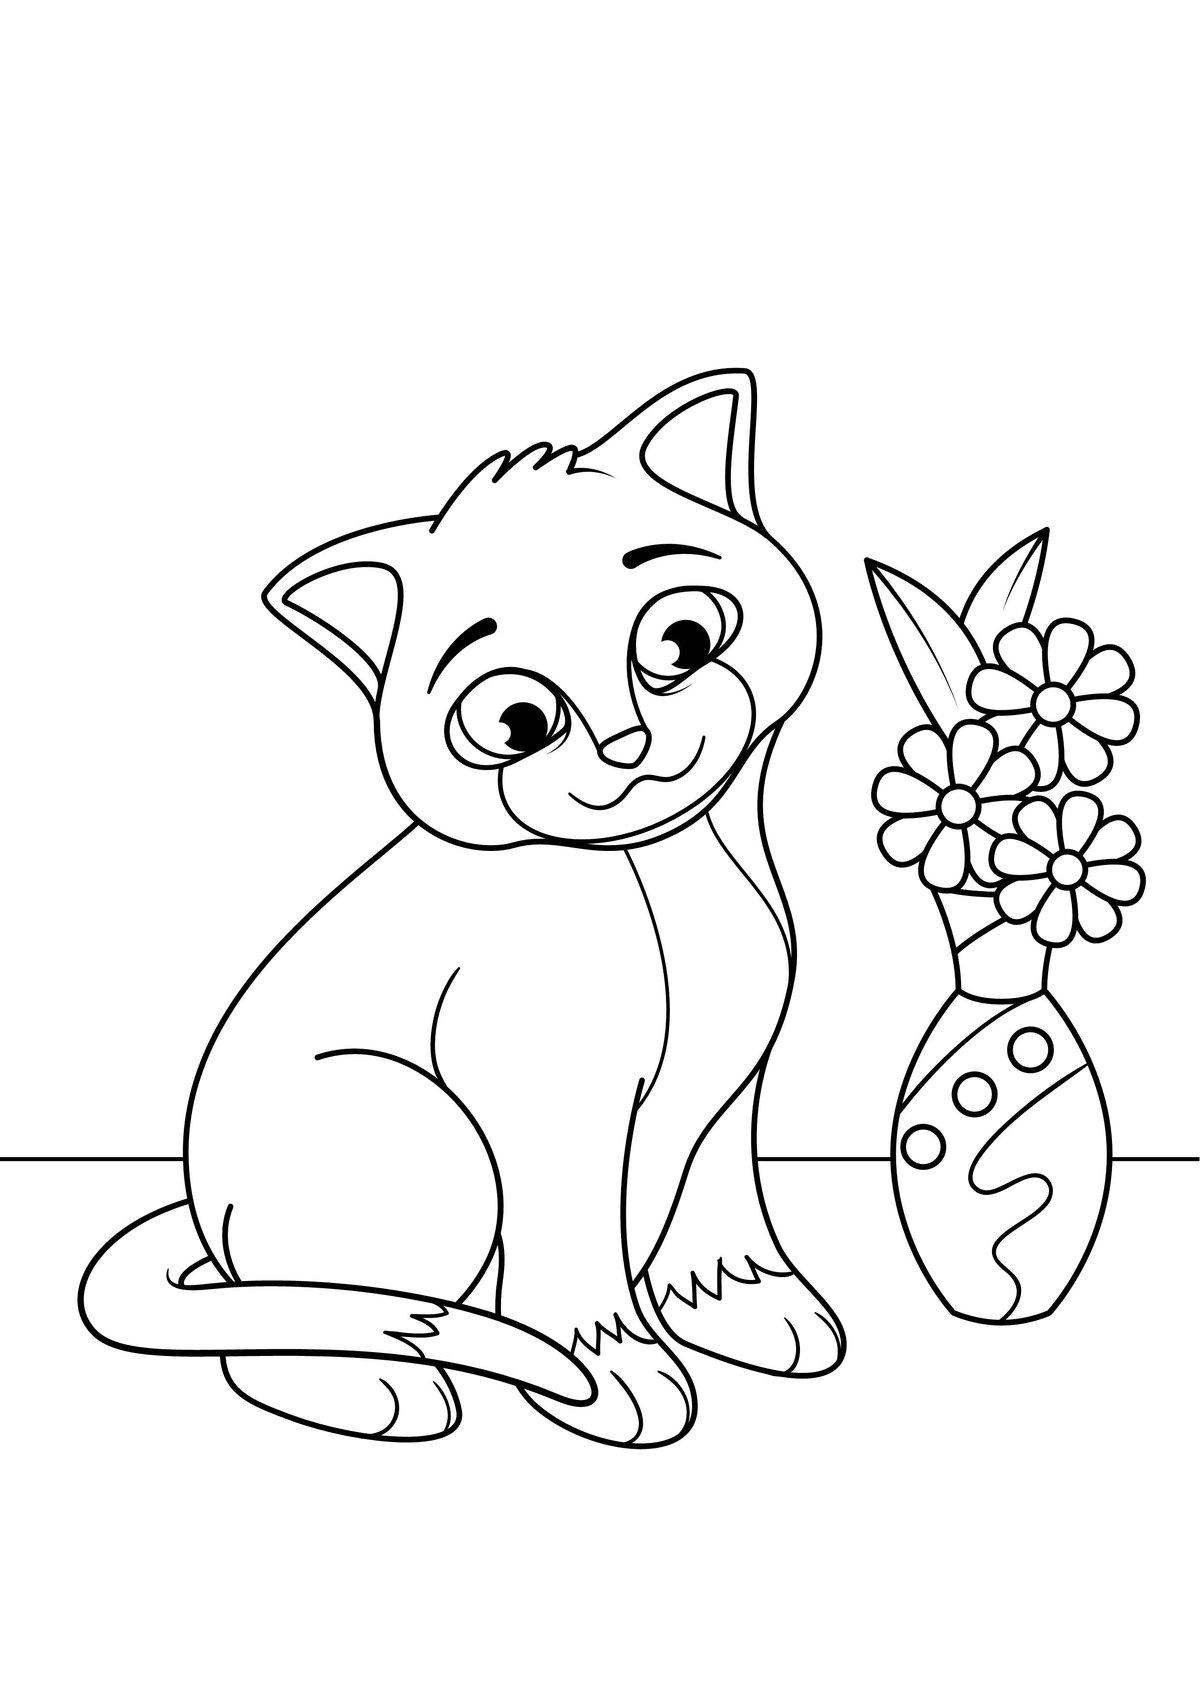 Картинки для раскраски котики